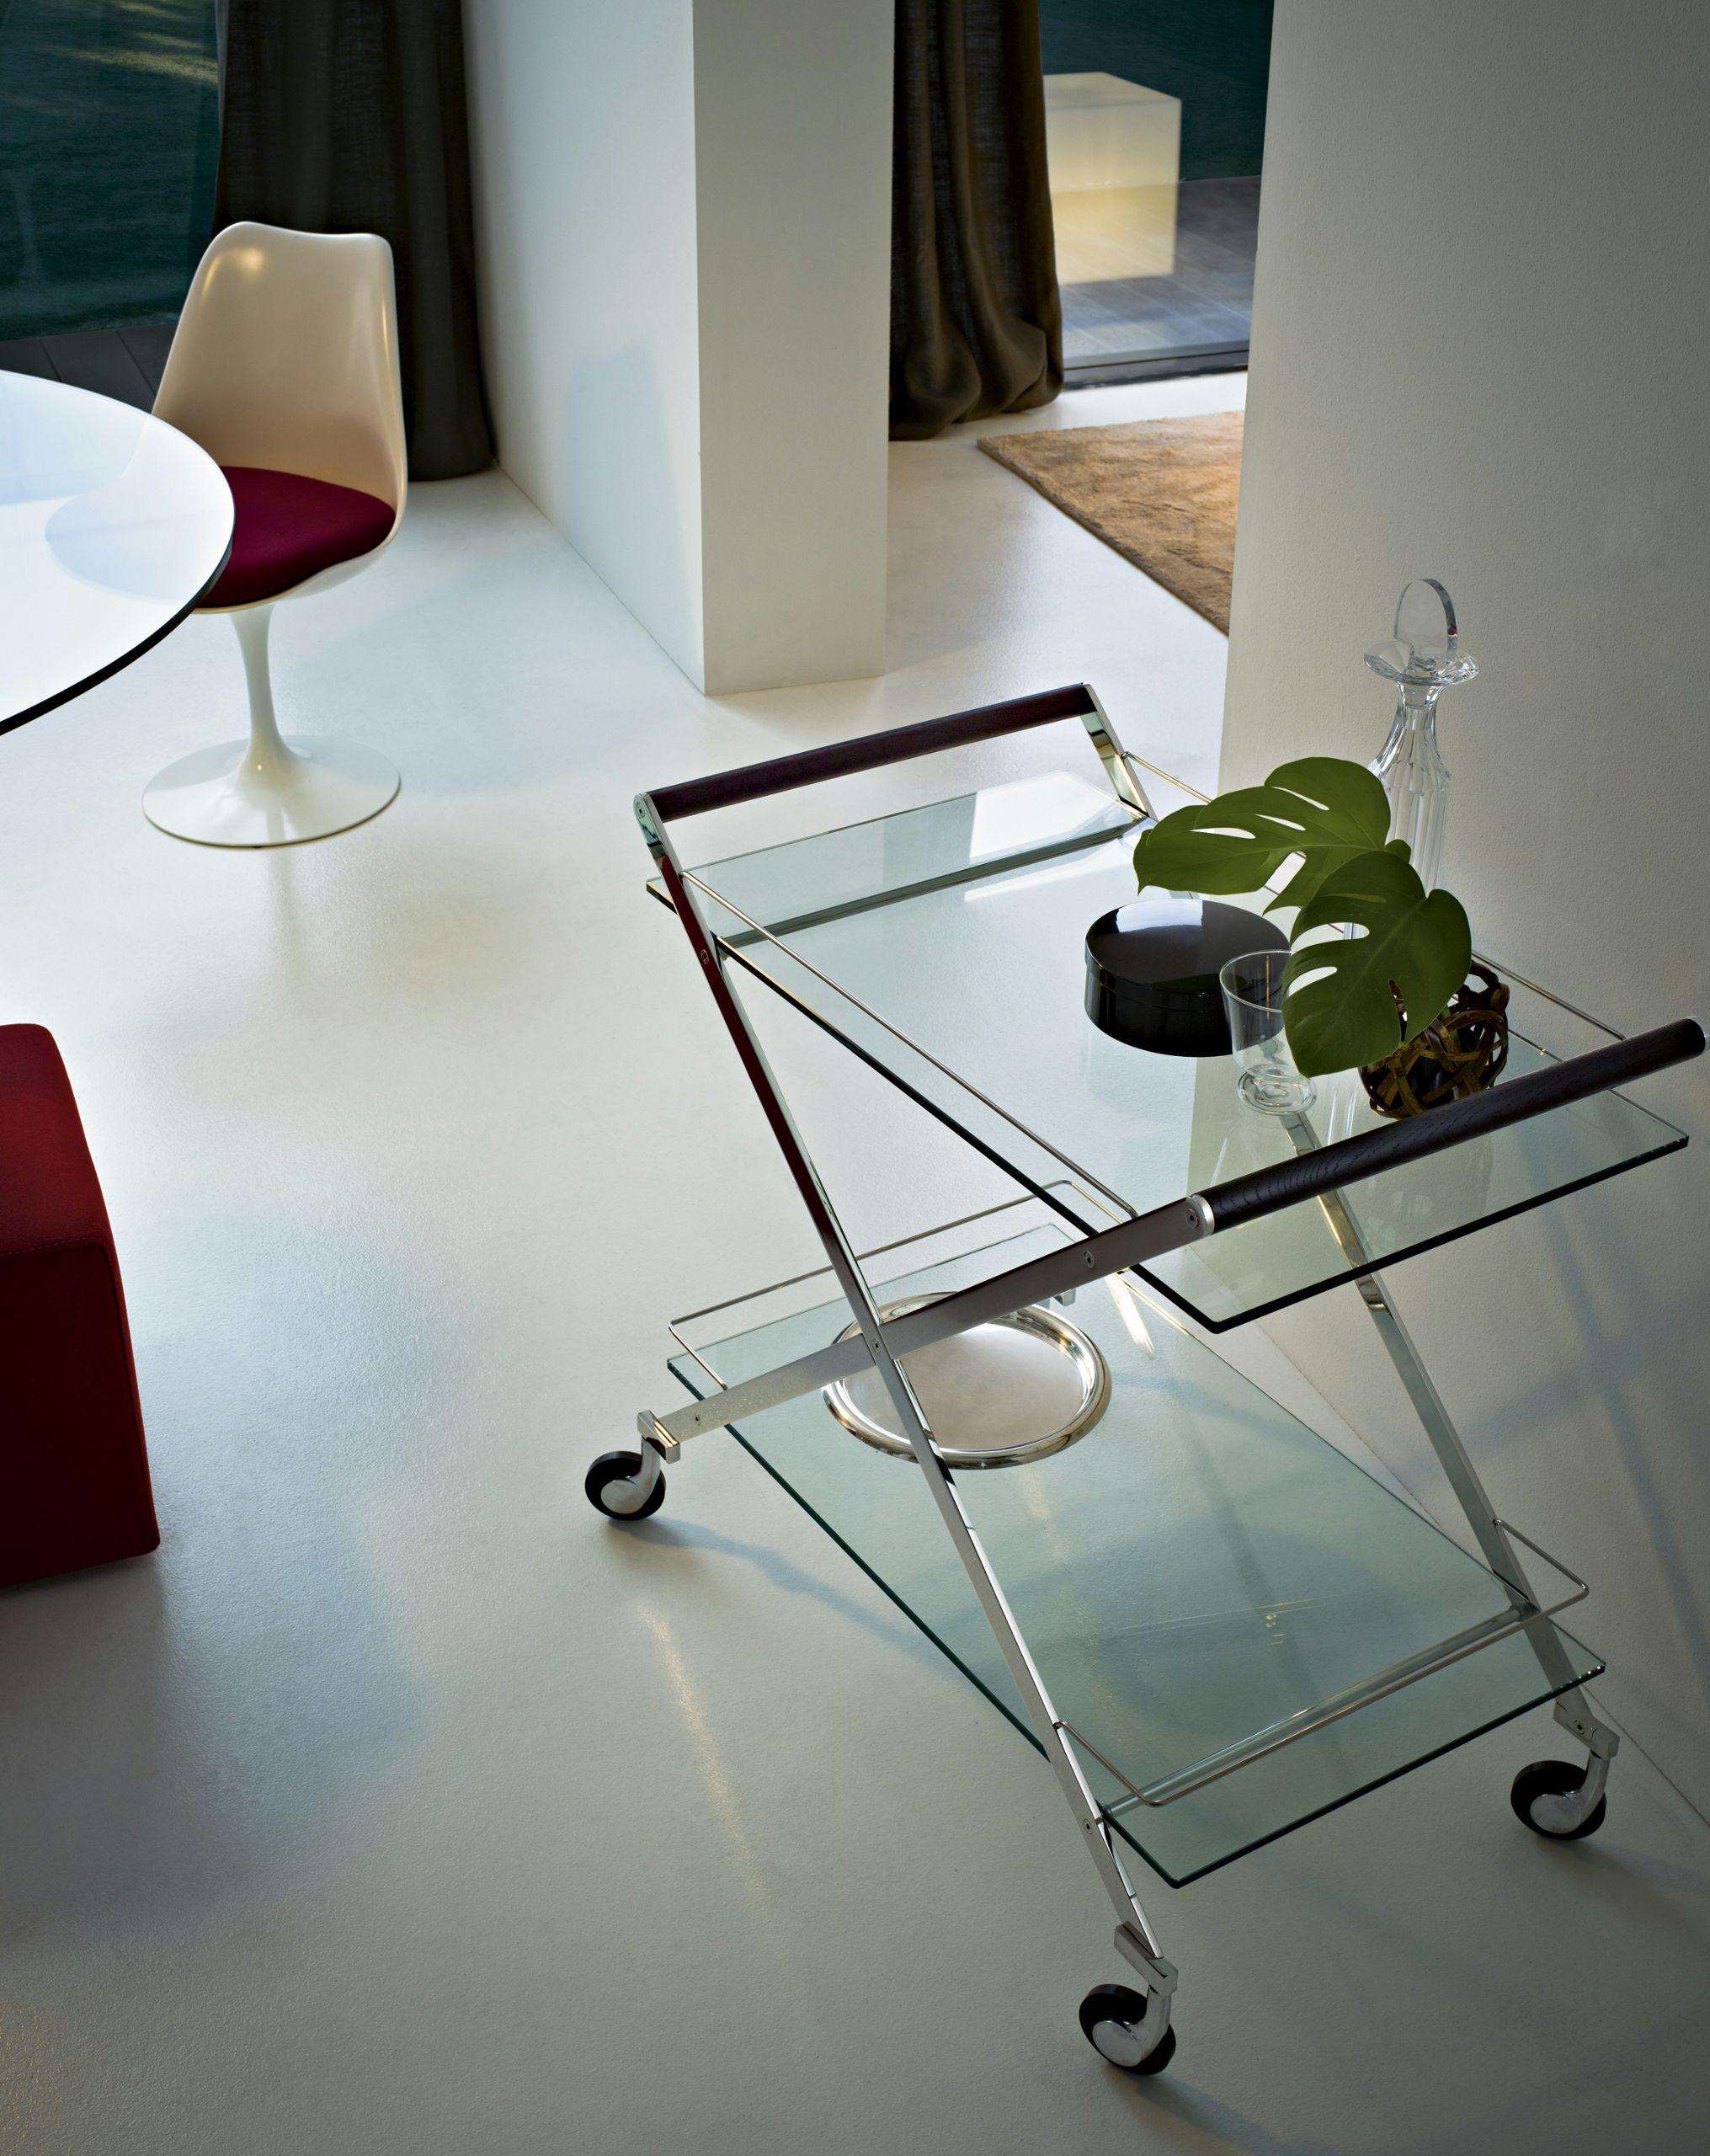 Carrello portavivande mister by gallotti radice design - Carrello portavivande design ...